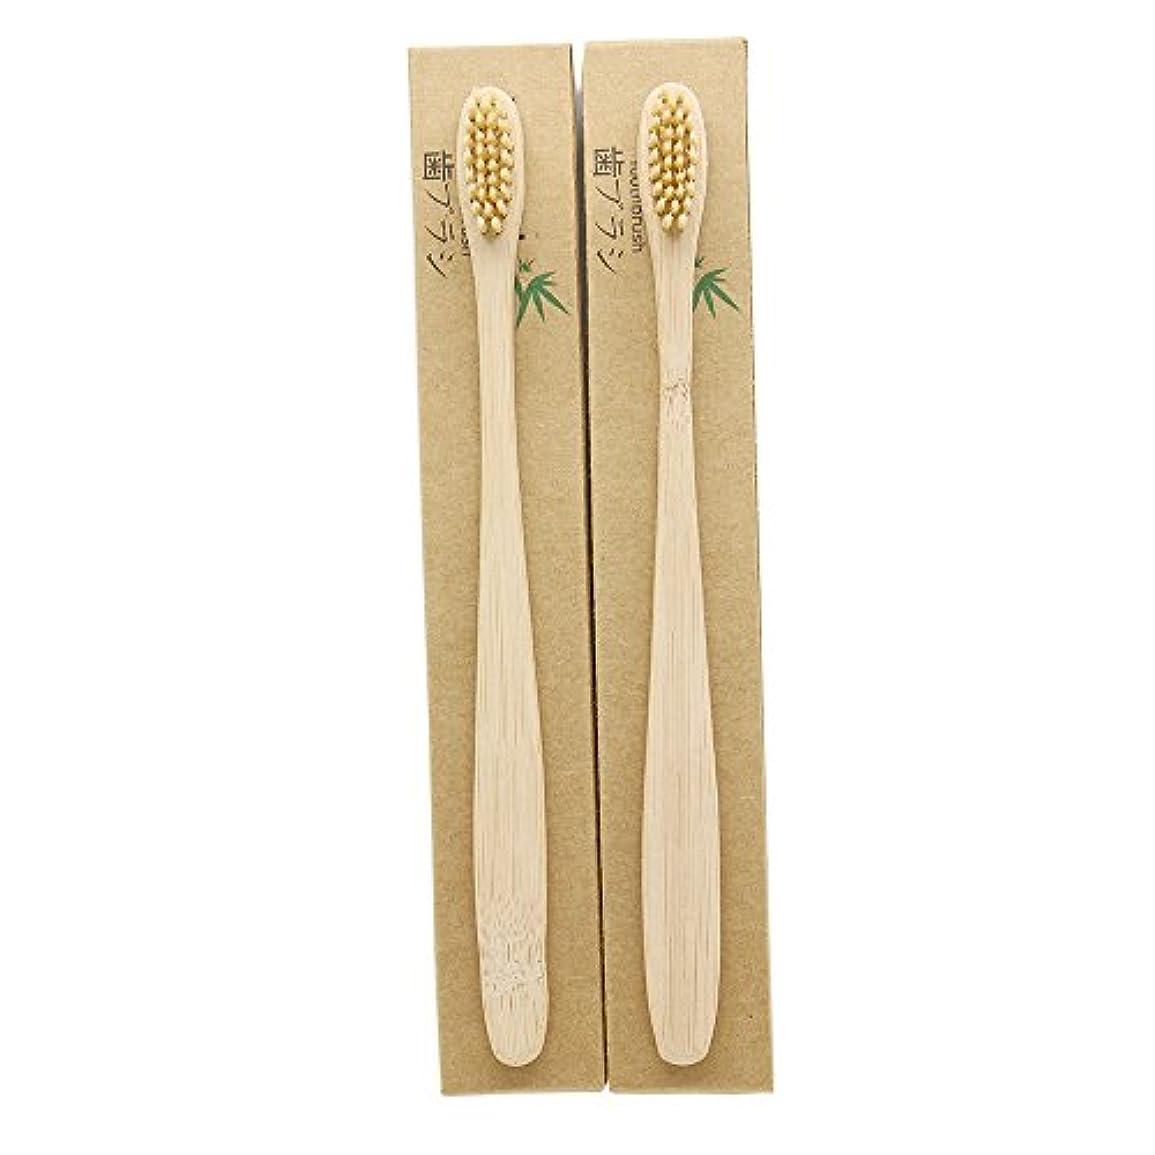 予想するお誕生日攻撃N-amboo 竹製耐久度高い 歯ブラシ 2本入り セット エコ ヘッド小さい クリ—ム色